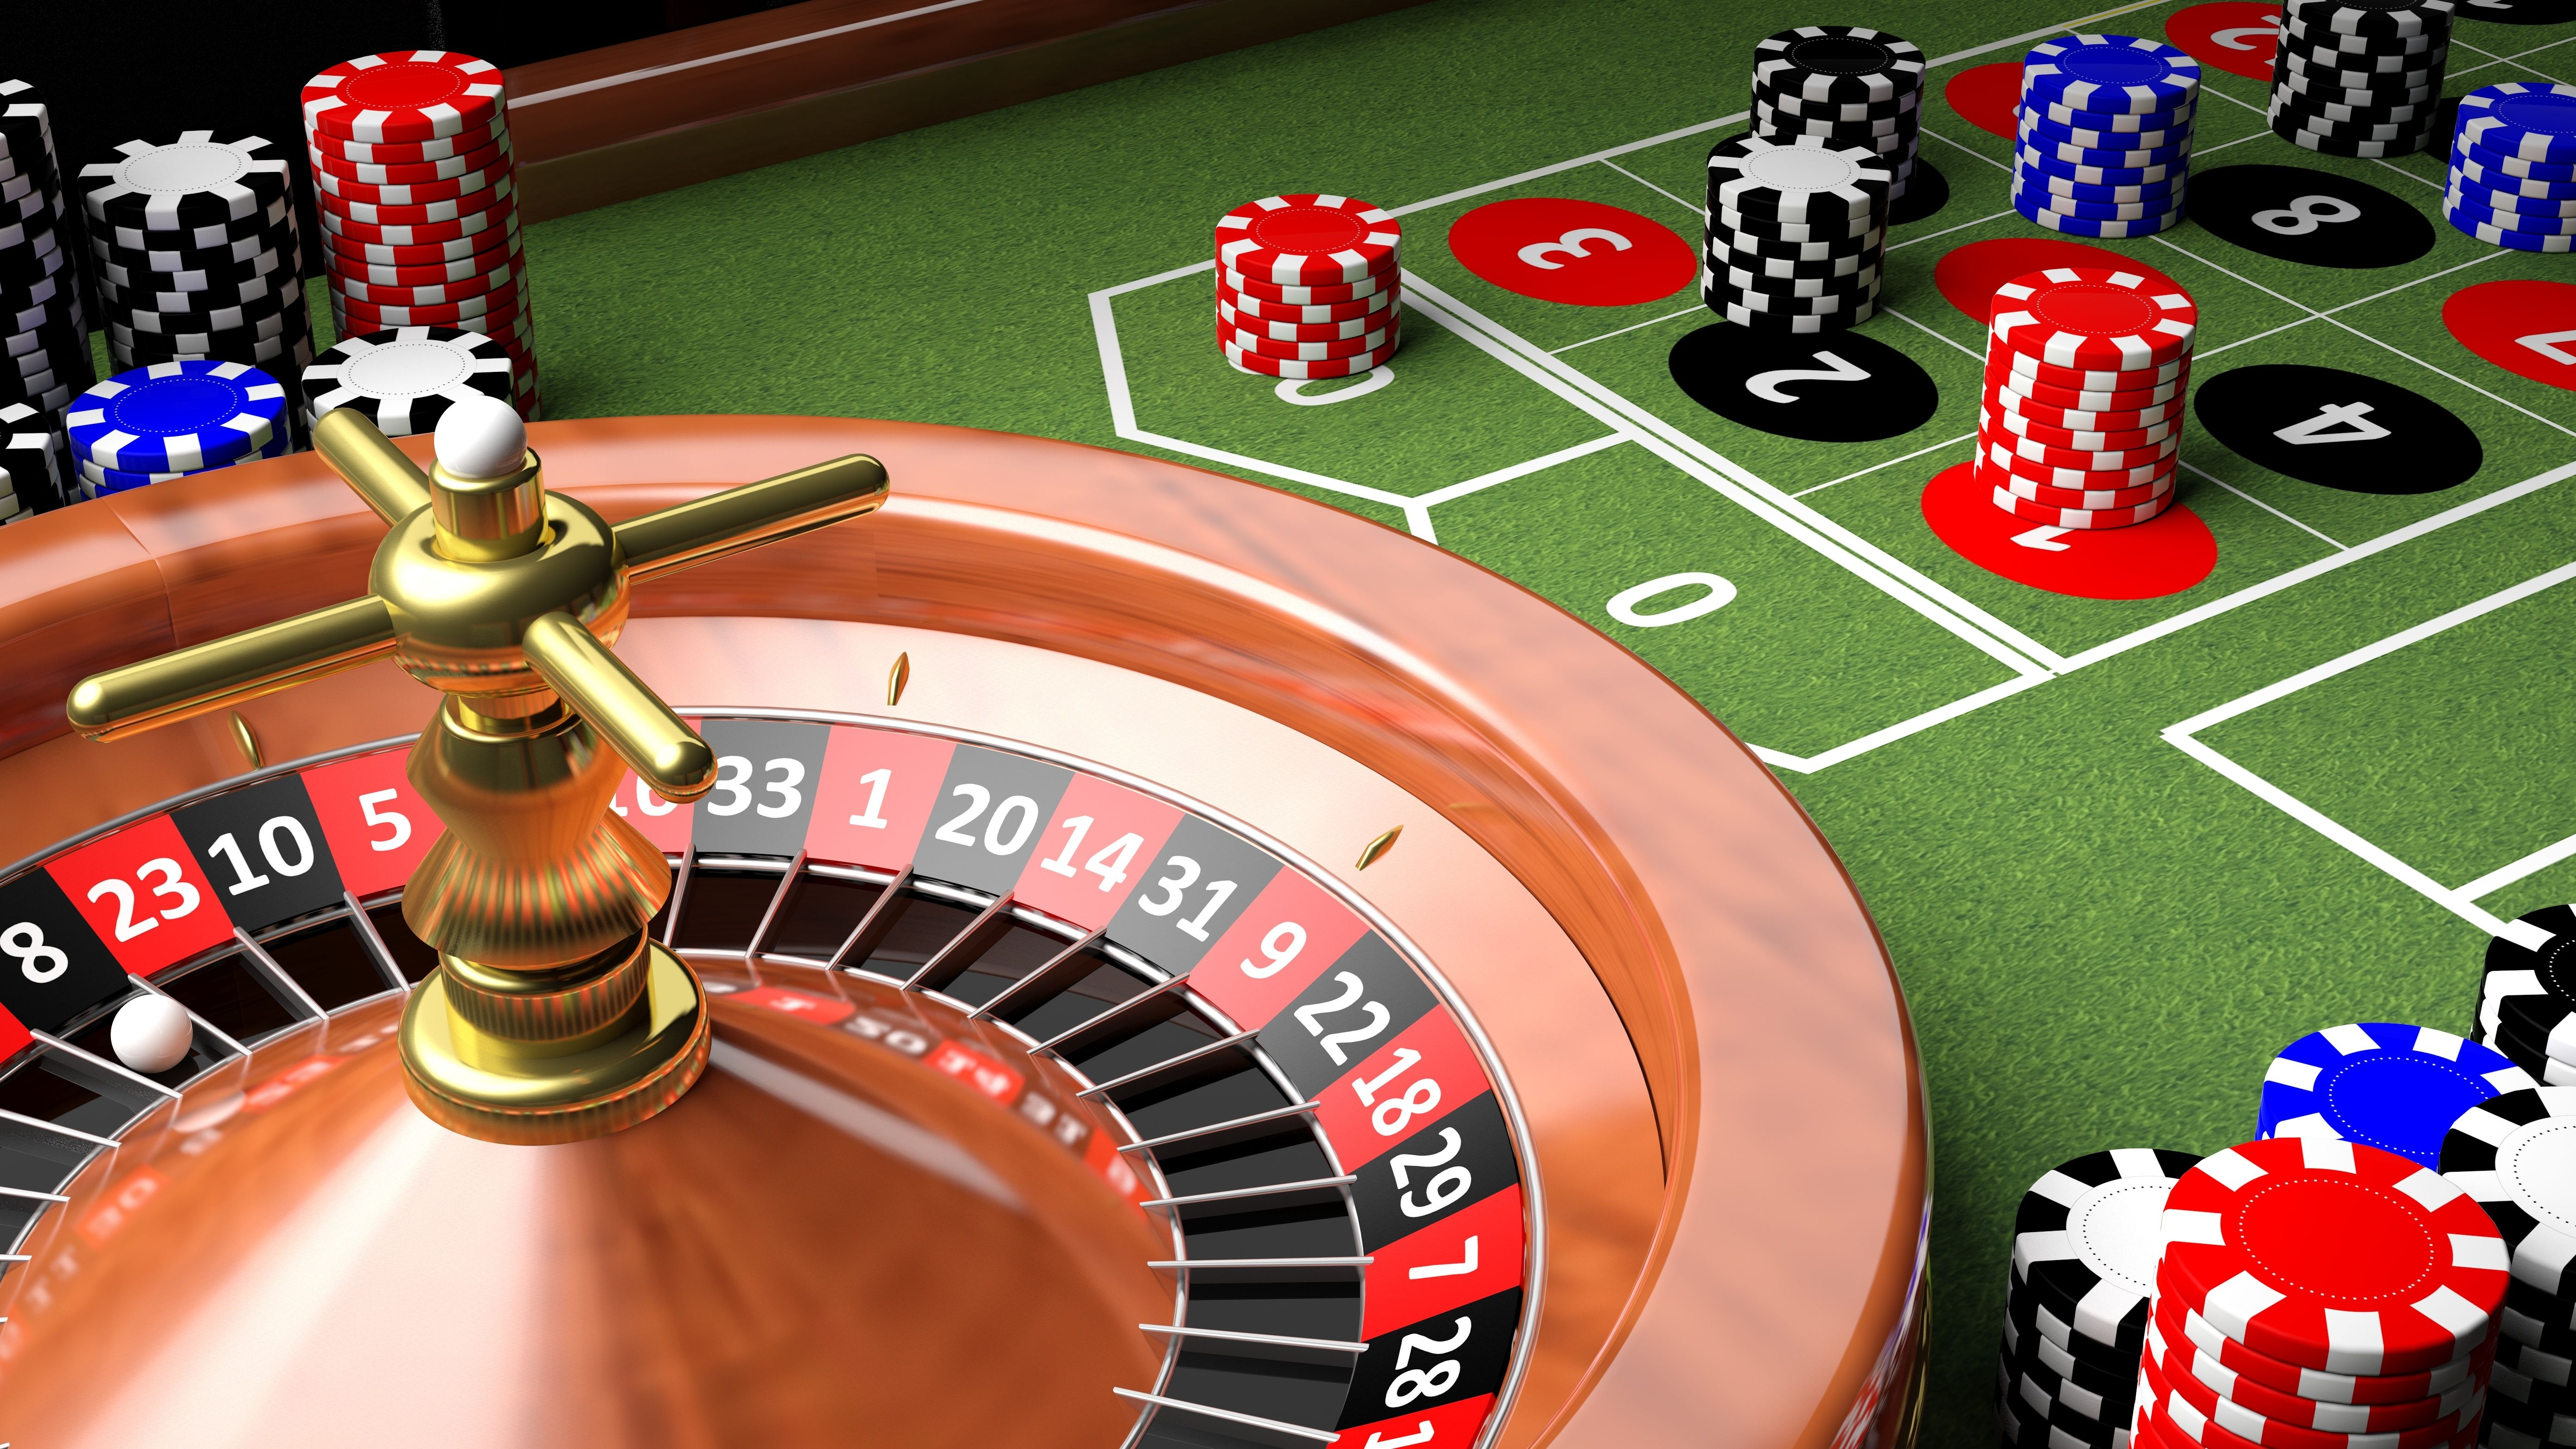 при дают казино интернет регистрации деньги которые